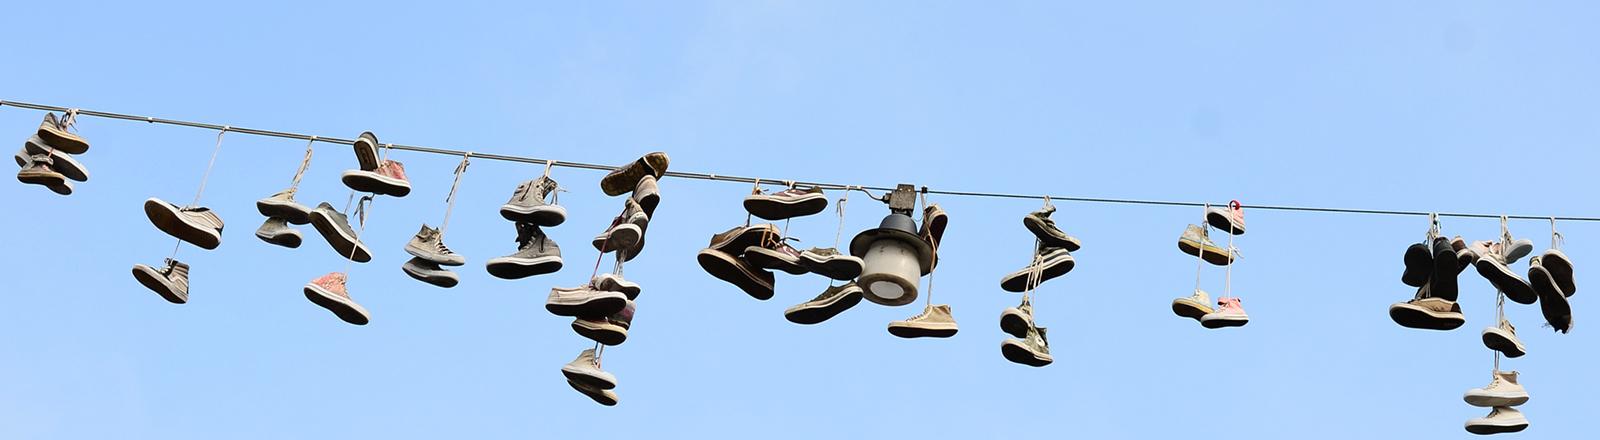 Alte Turnschuhe hängen mit den Schnürsenkeln über einem Kabel, an dem eine Straßenlampe hängt.